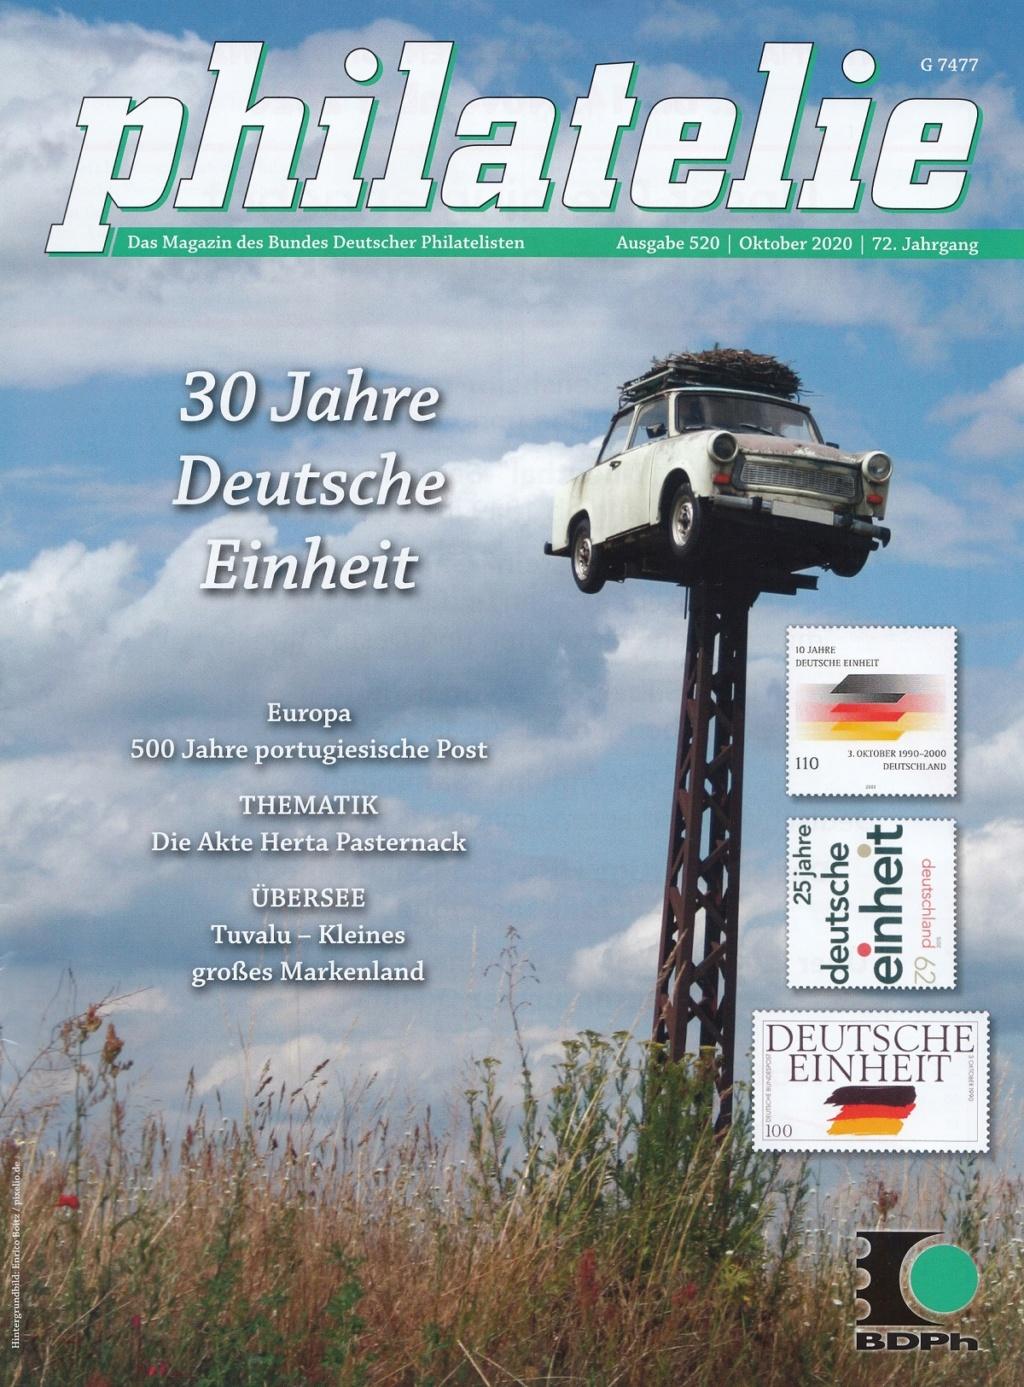 Die Vereinigung von West- und Mitteldeutschland vor 30 Jahren D1610